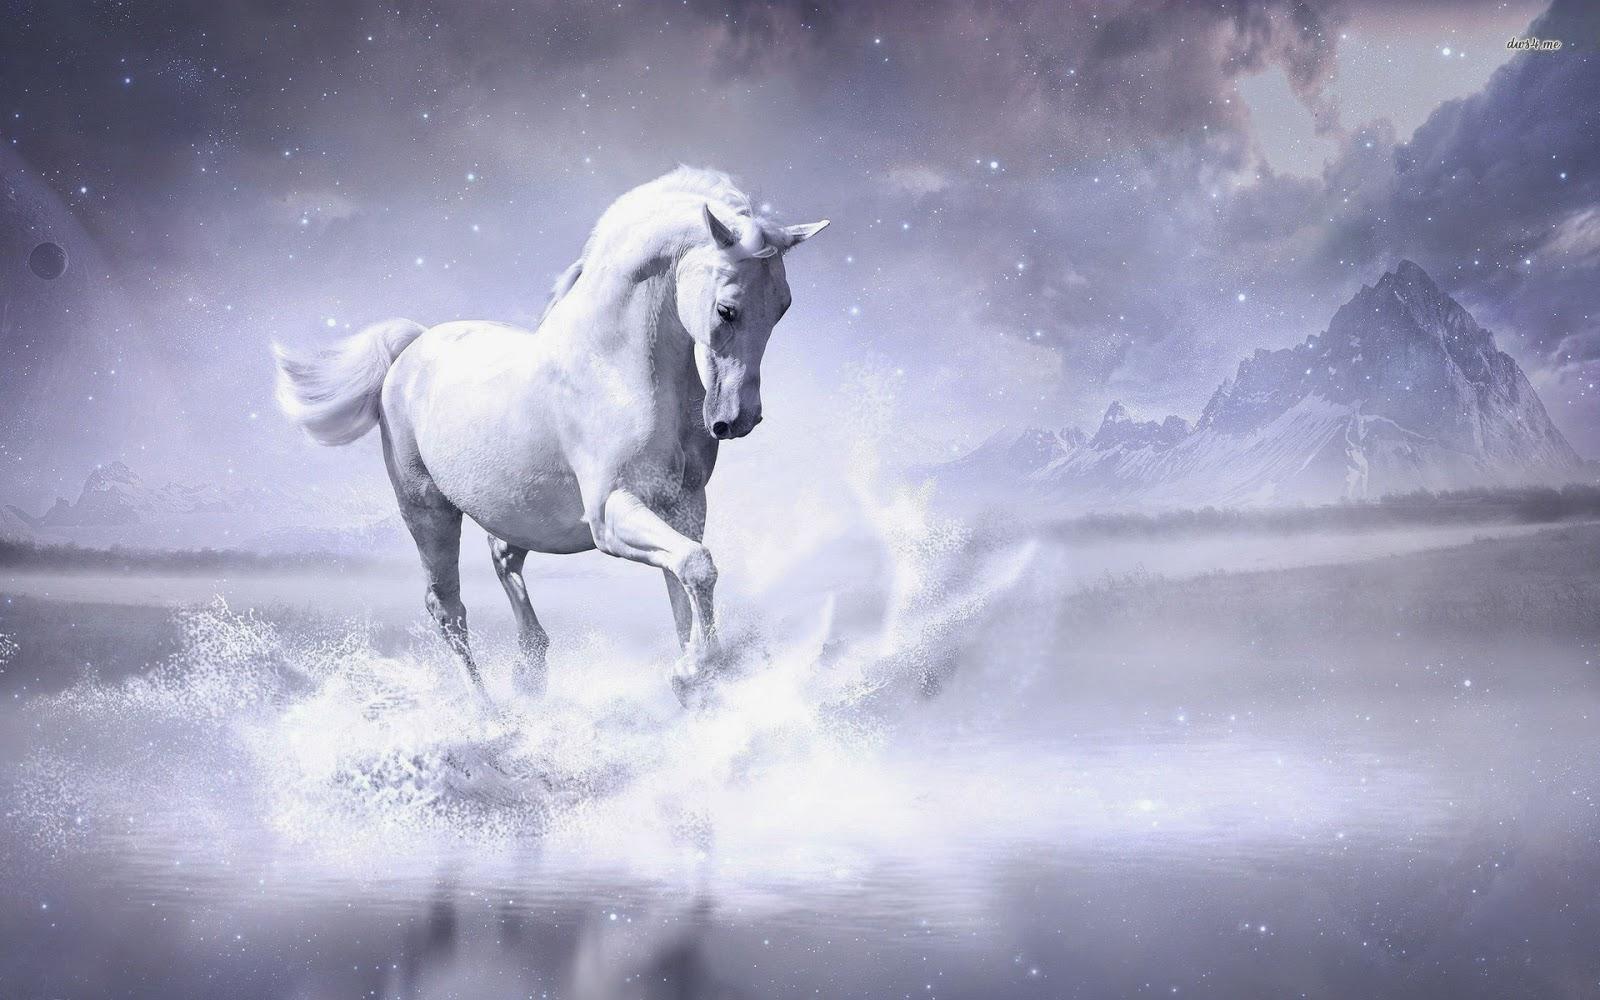 Best   Wallpaper Horse Art - 22937-white-horse-1920x1200-digital-art-wallpaper  Trends_667527.jpg